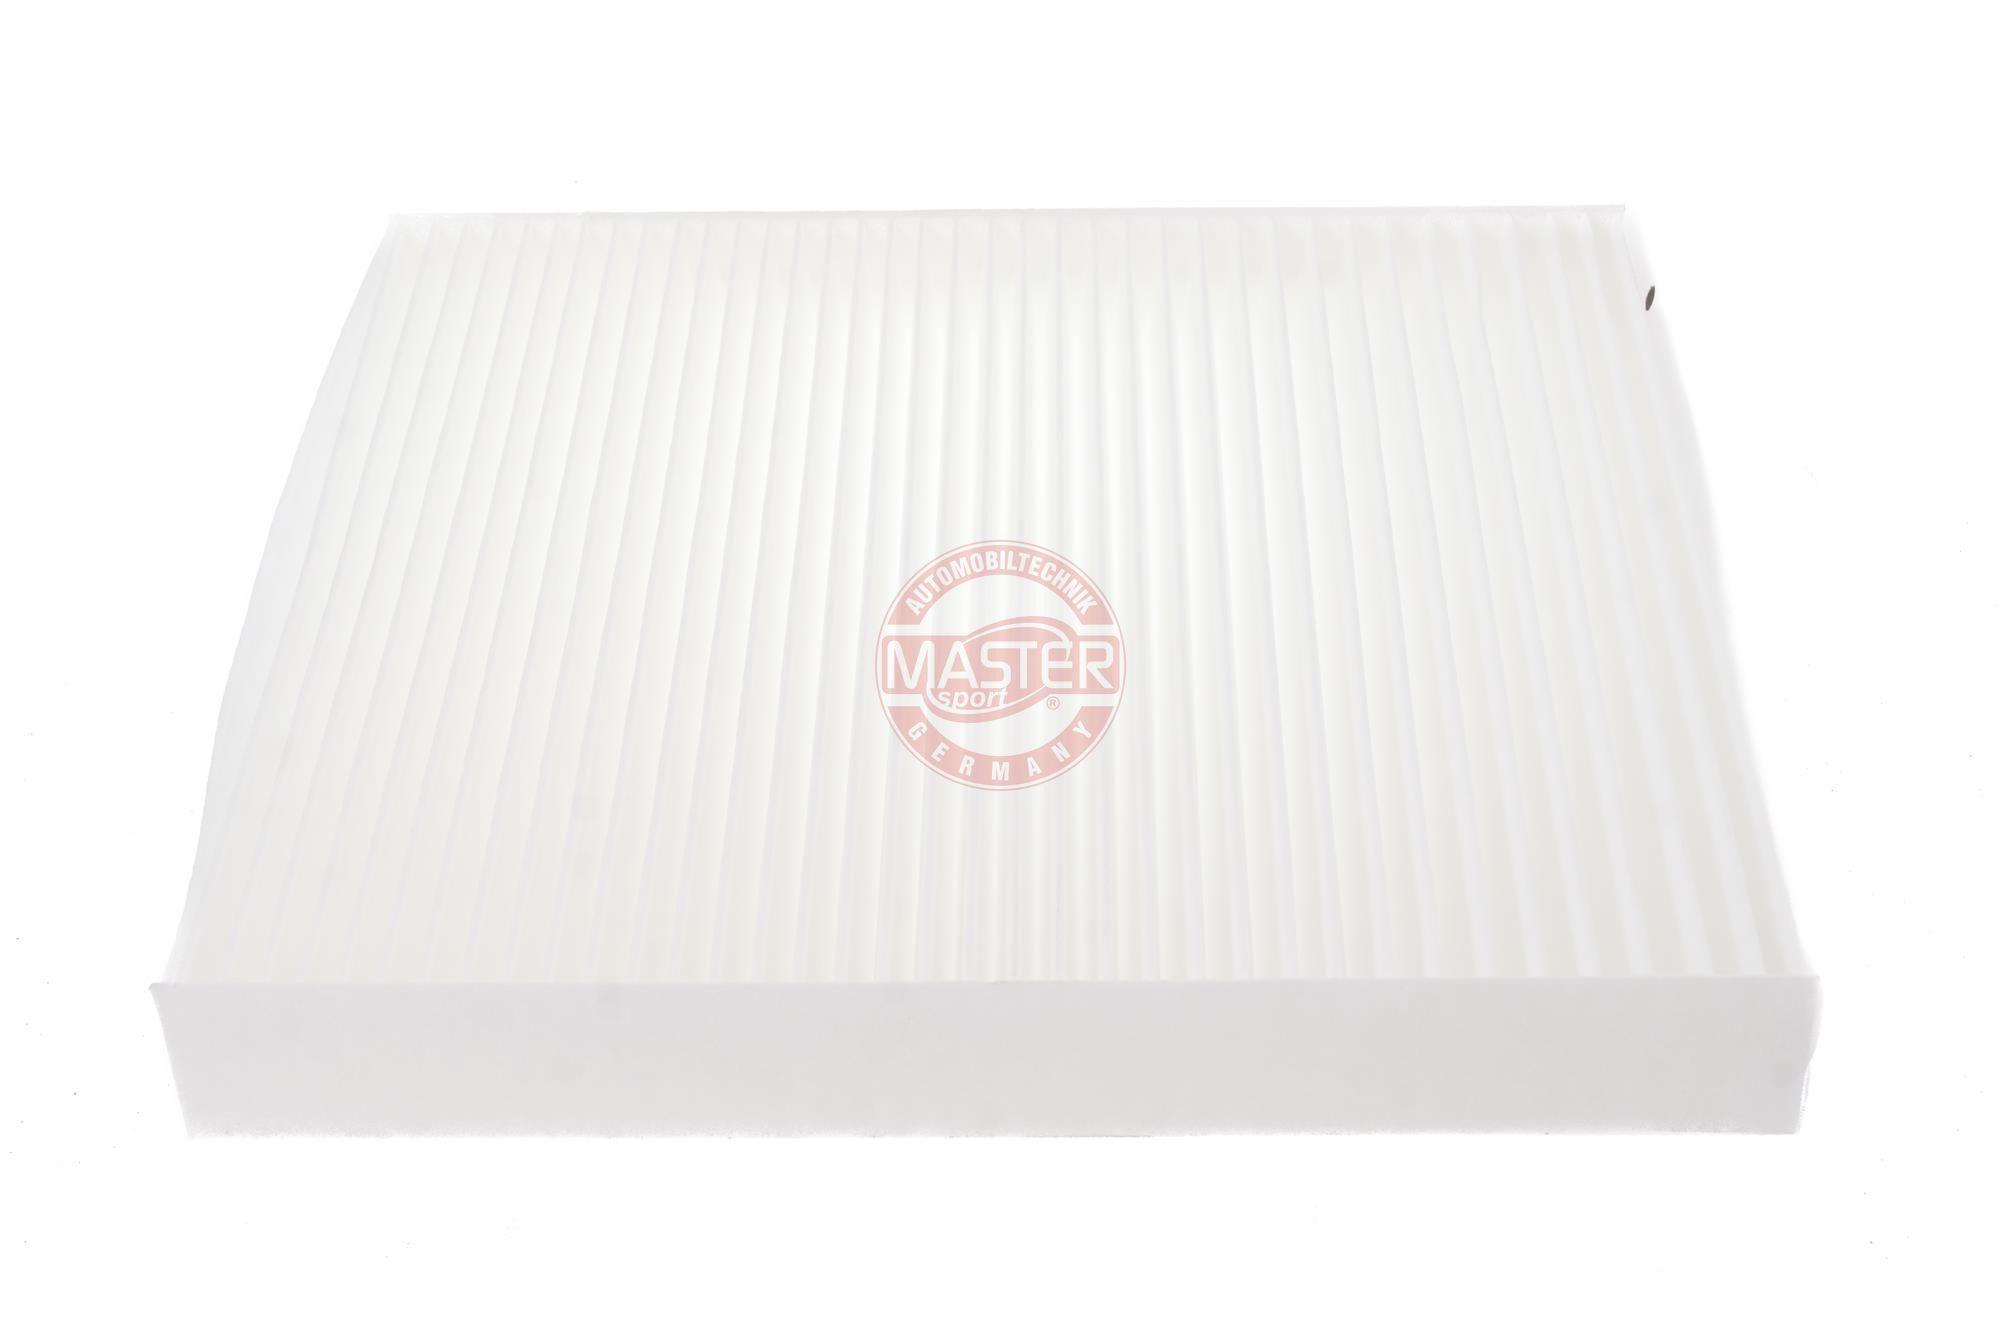 420023450 MASTER-SPORT Partikelfilter Breite: 200mm, Höhe: 30mm, Länge: 222mm Filter, Innenraumluft 2345-IF-PCS-MS günstig kaufen